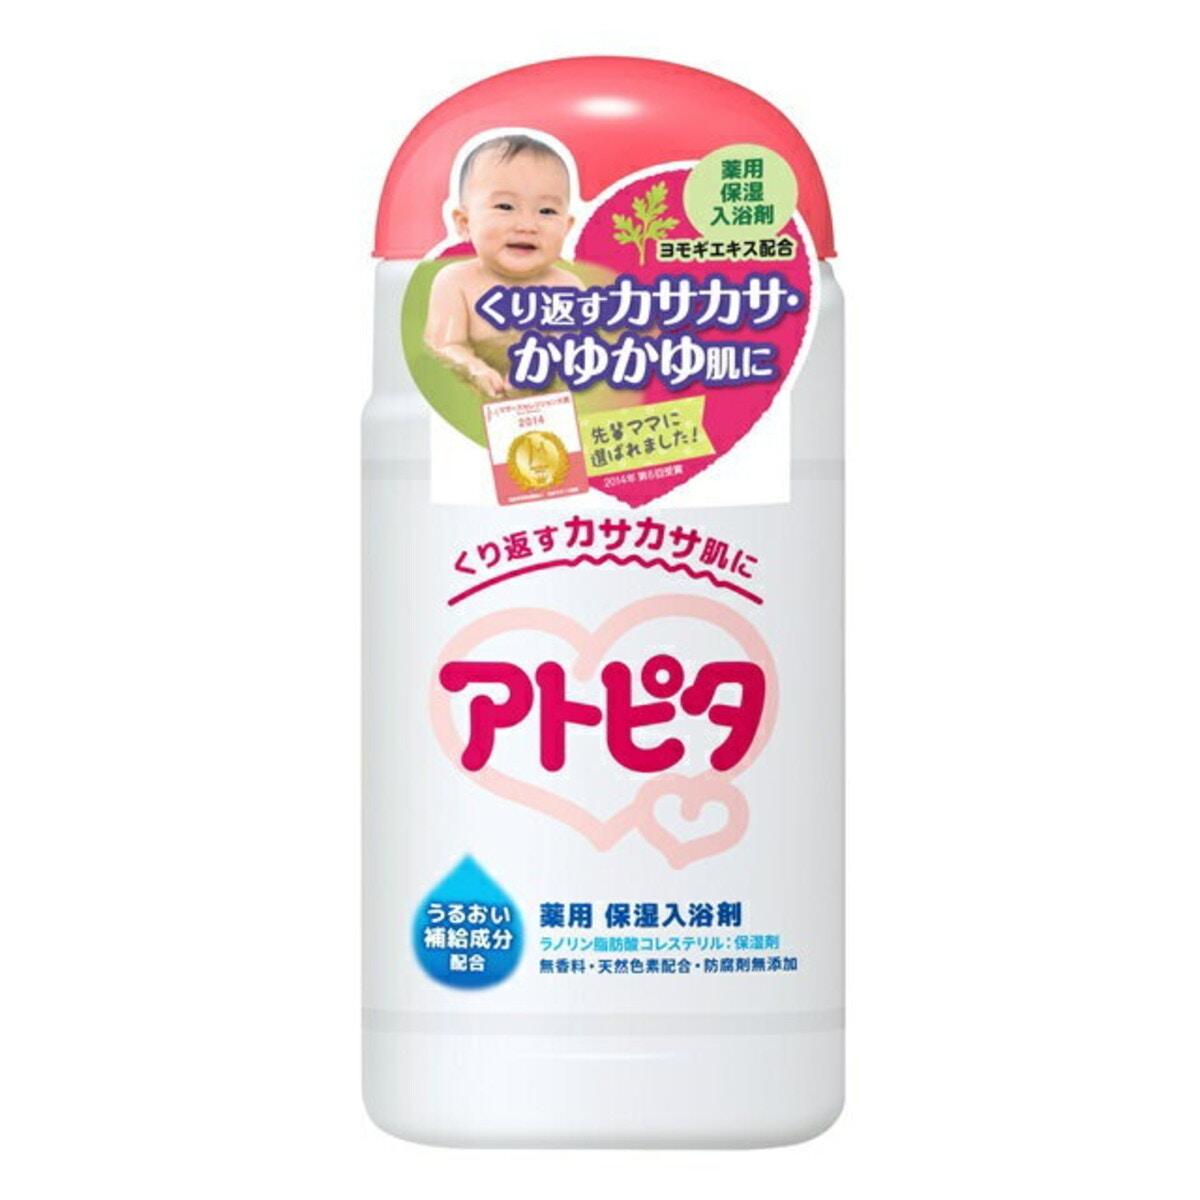 アトピタ 薬用保湿入浴剤 500g